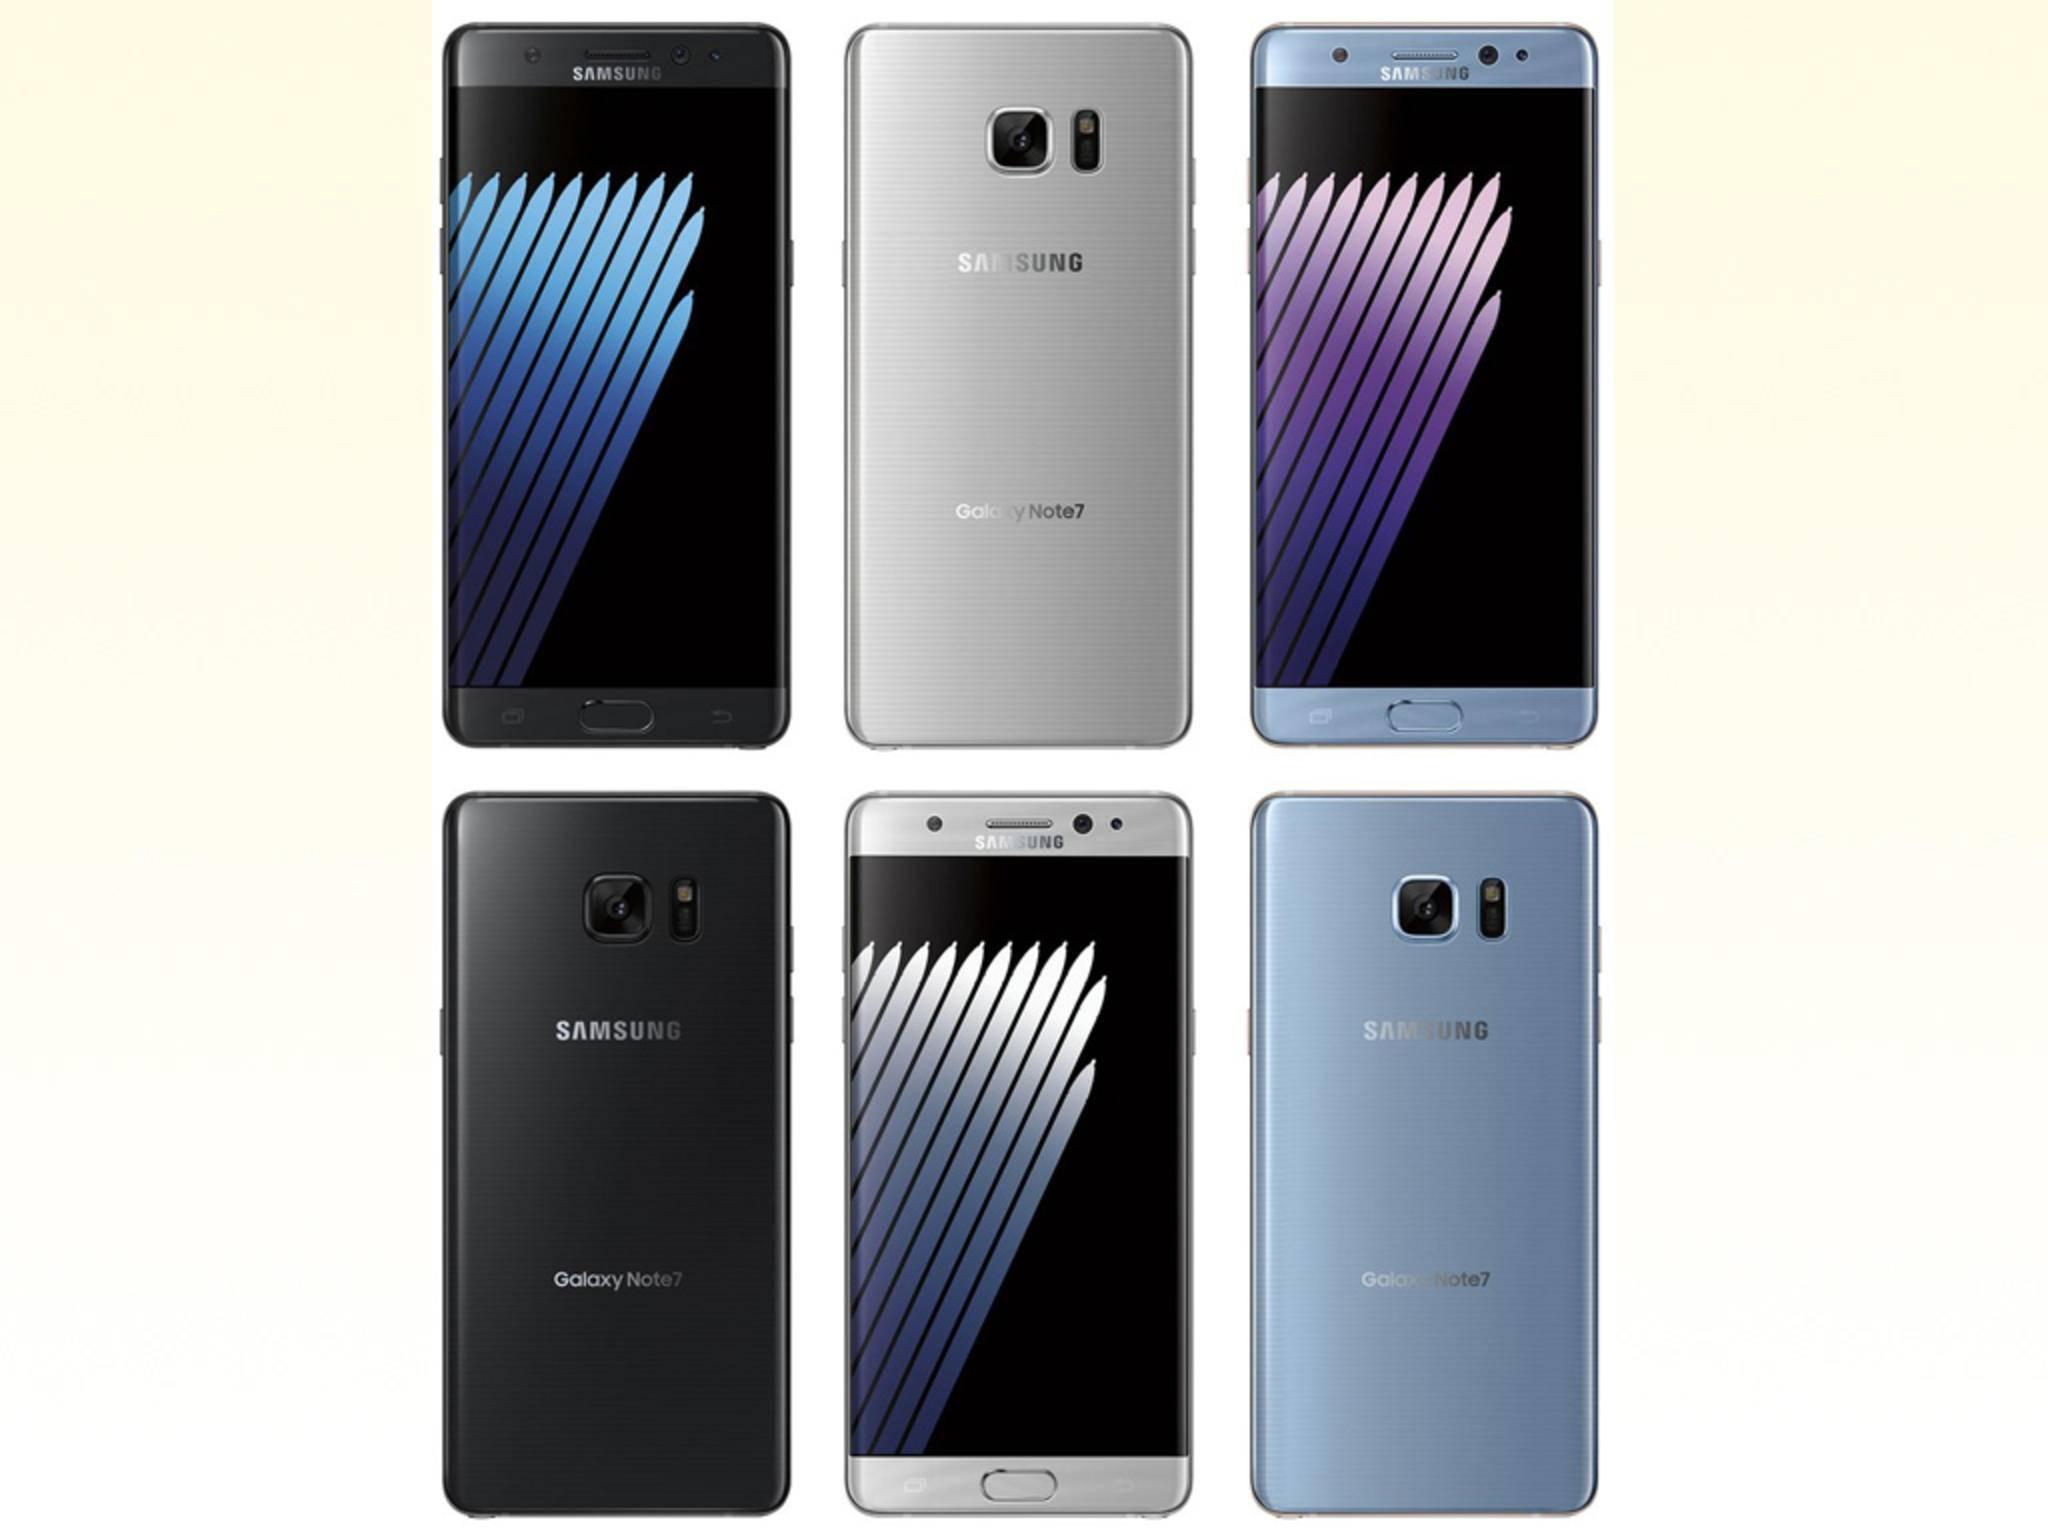 So soll das Galaxy Note 7 laut Pressebildern von @evleaks aussehen.